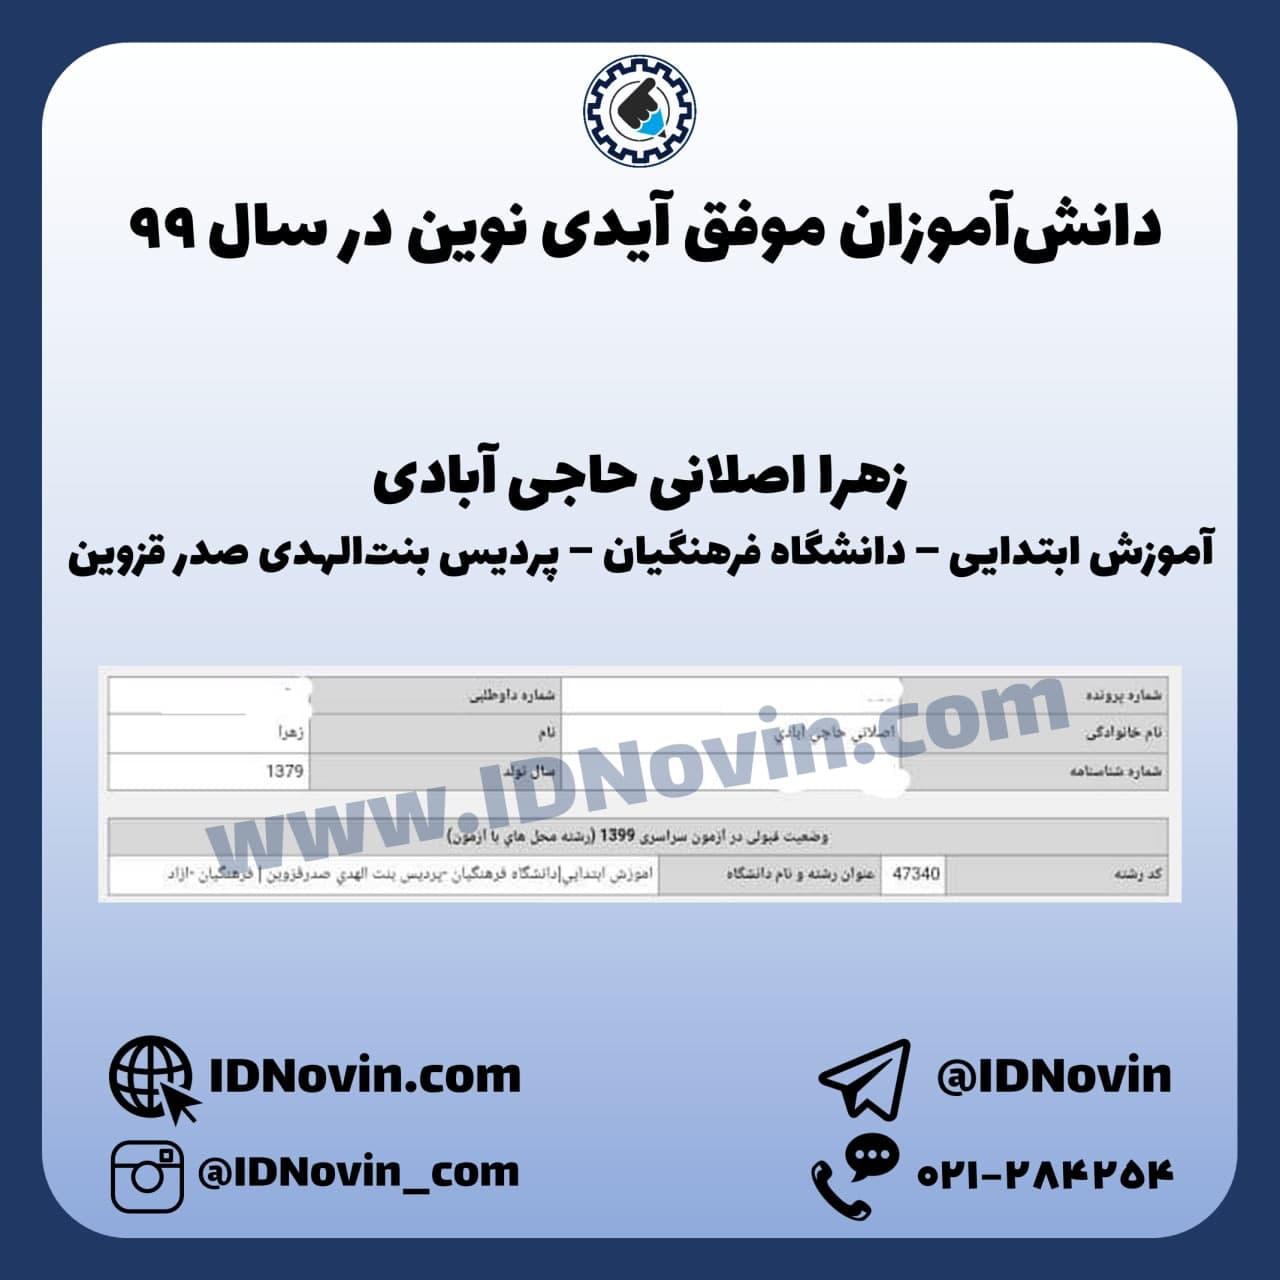 کارنامه قبولی آموزش ابتدایی دانشگاه فرهنگیان پردیس بنت الهدی صدر قزوین